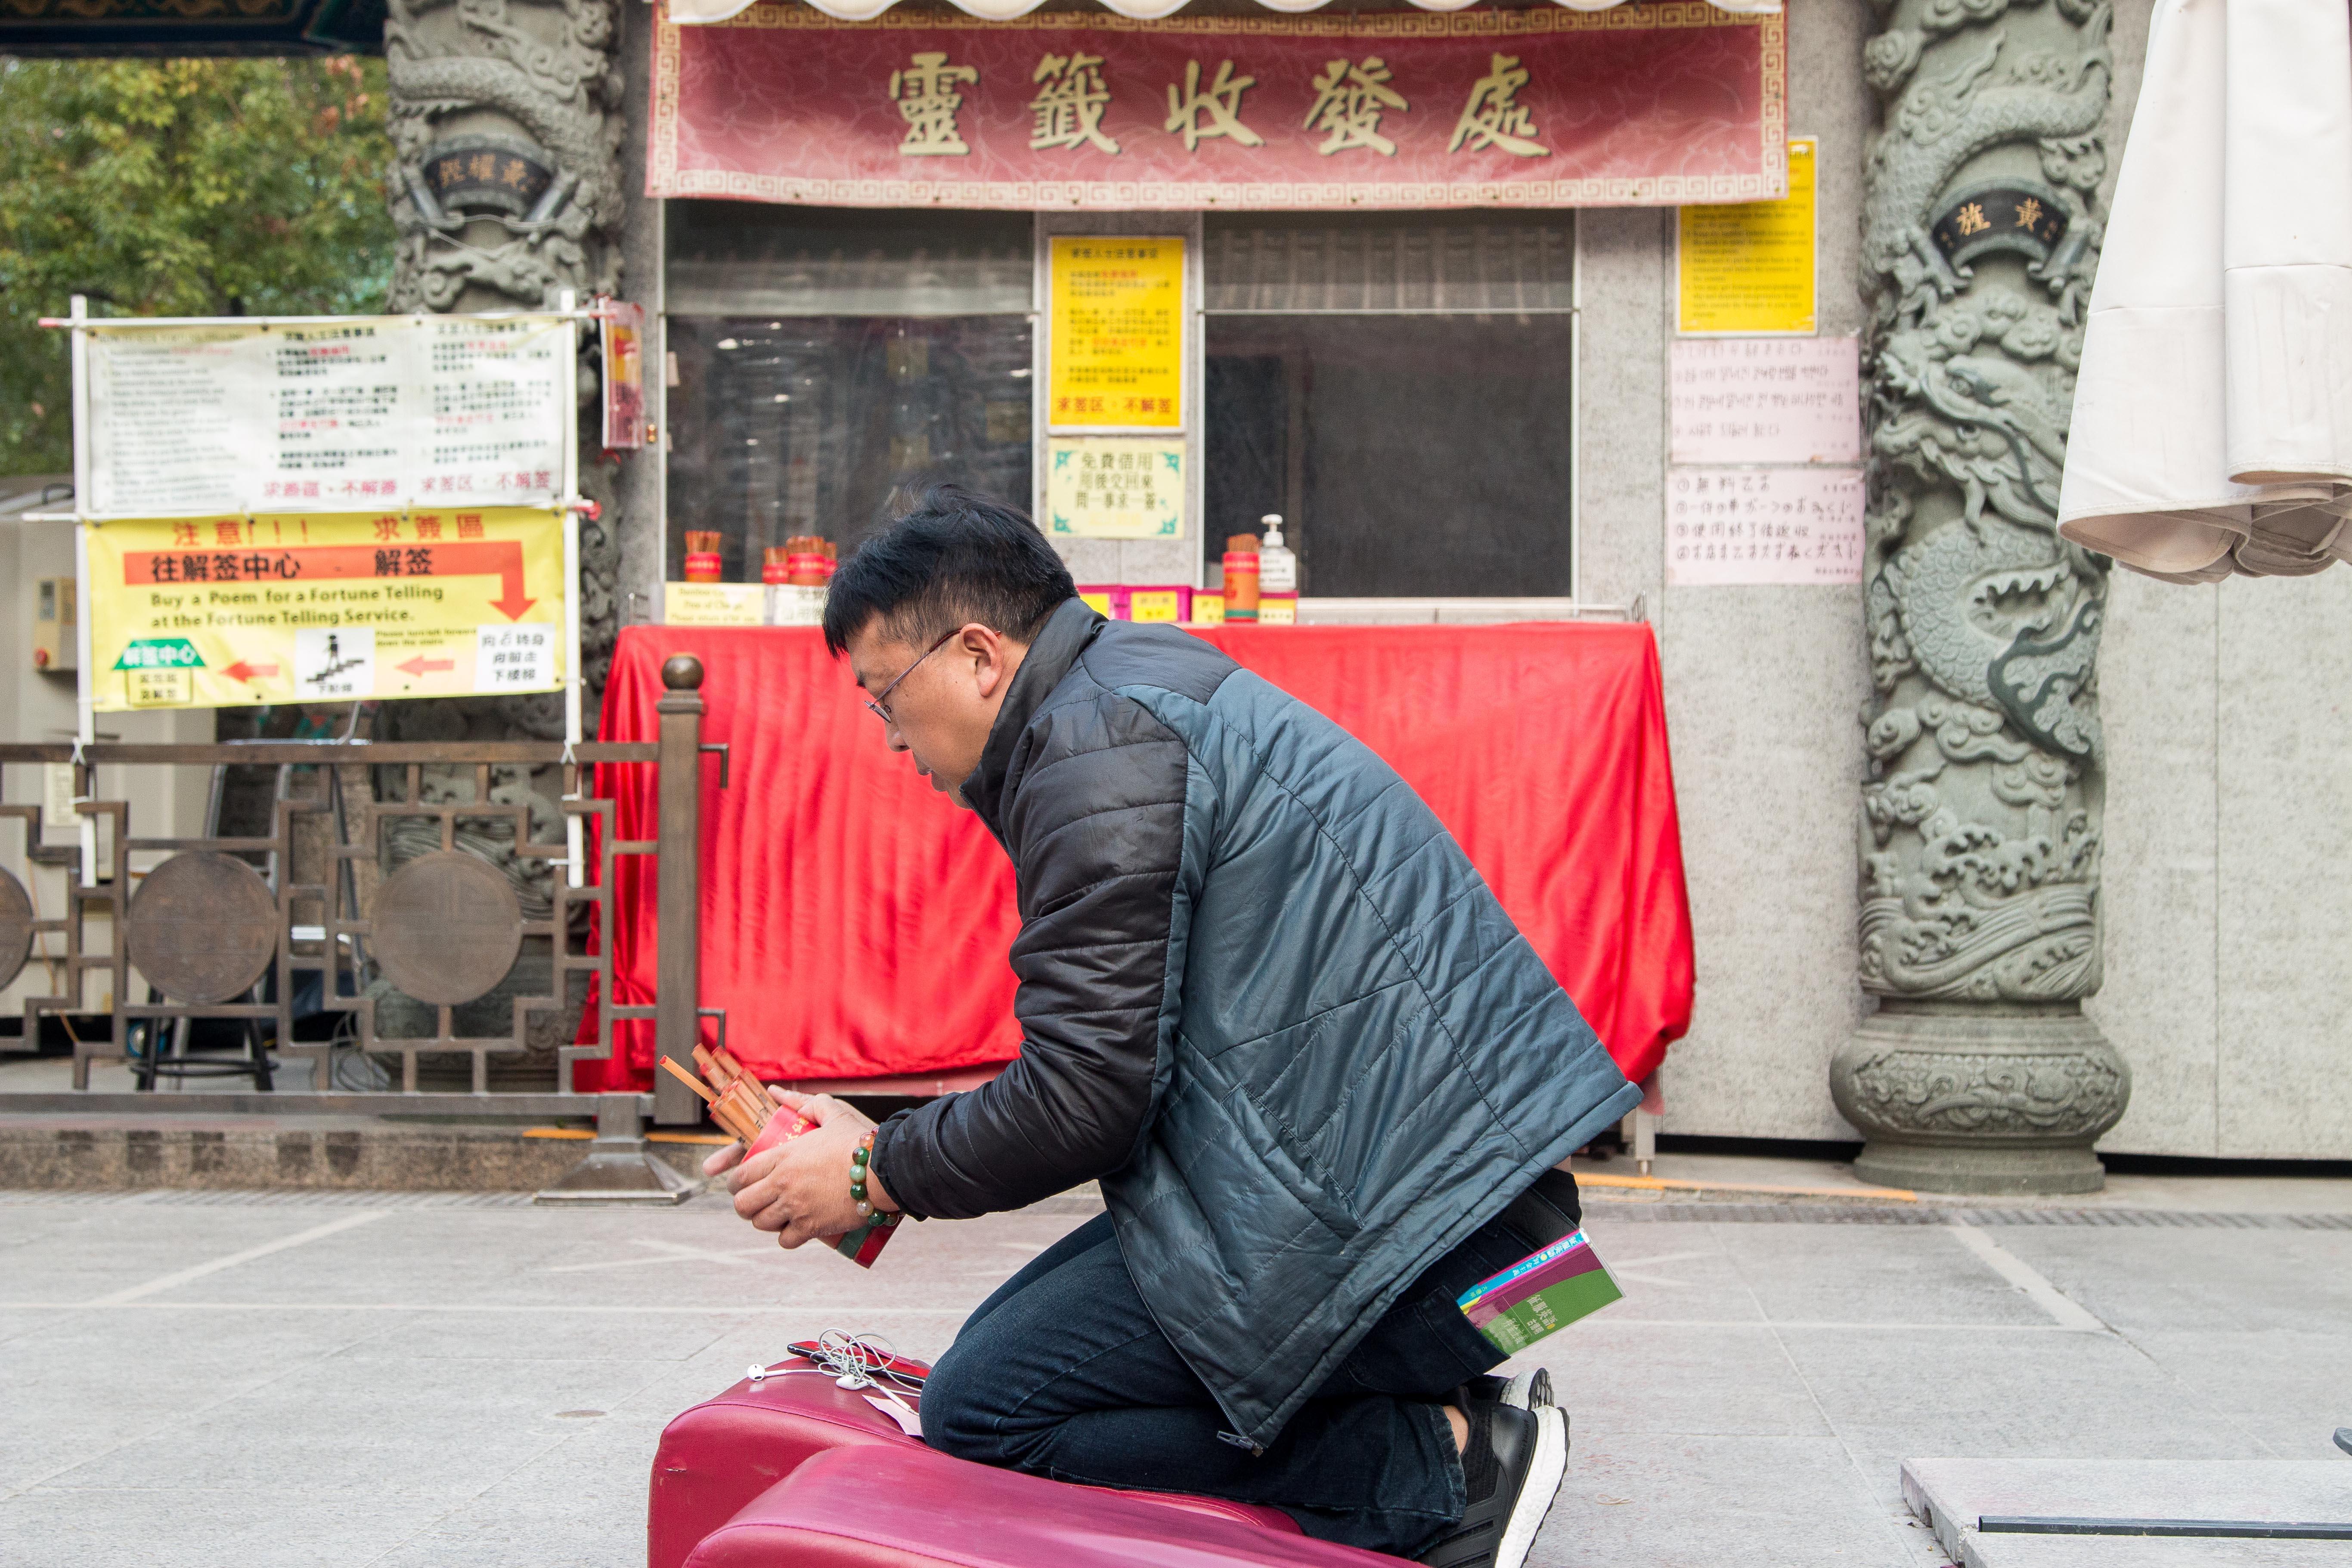 A temple visitor demonstrates excellent kau cim technique.